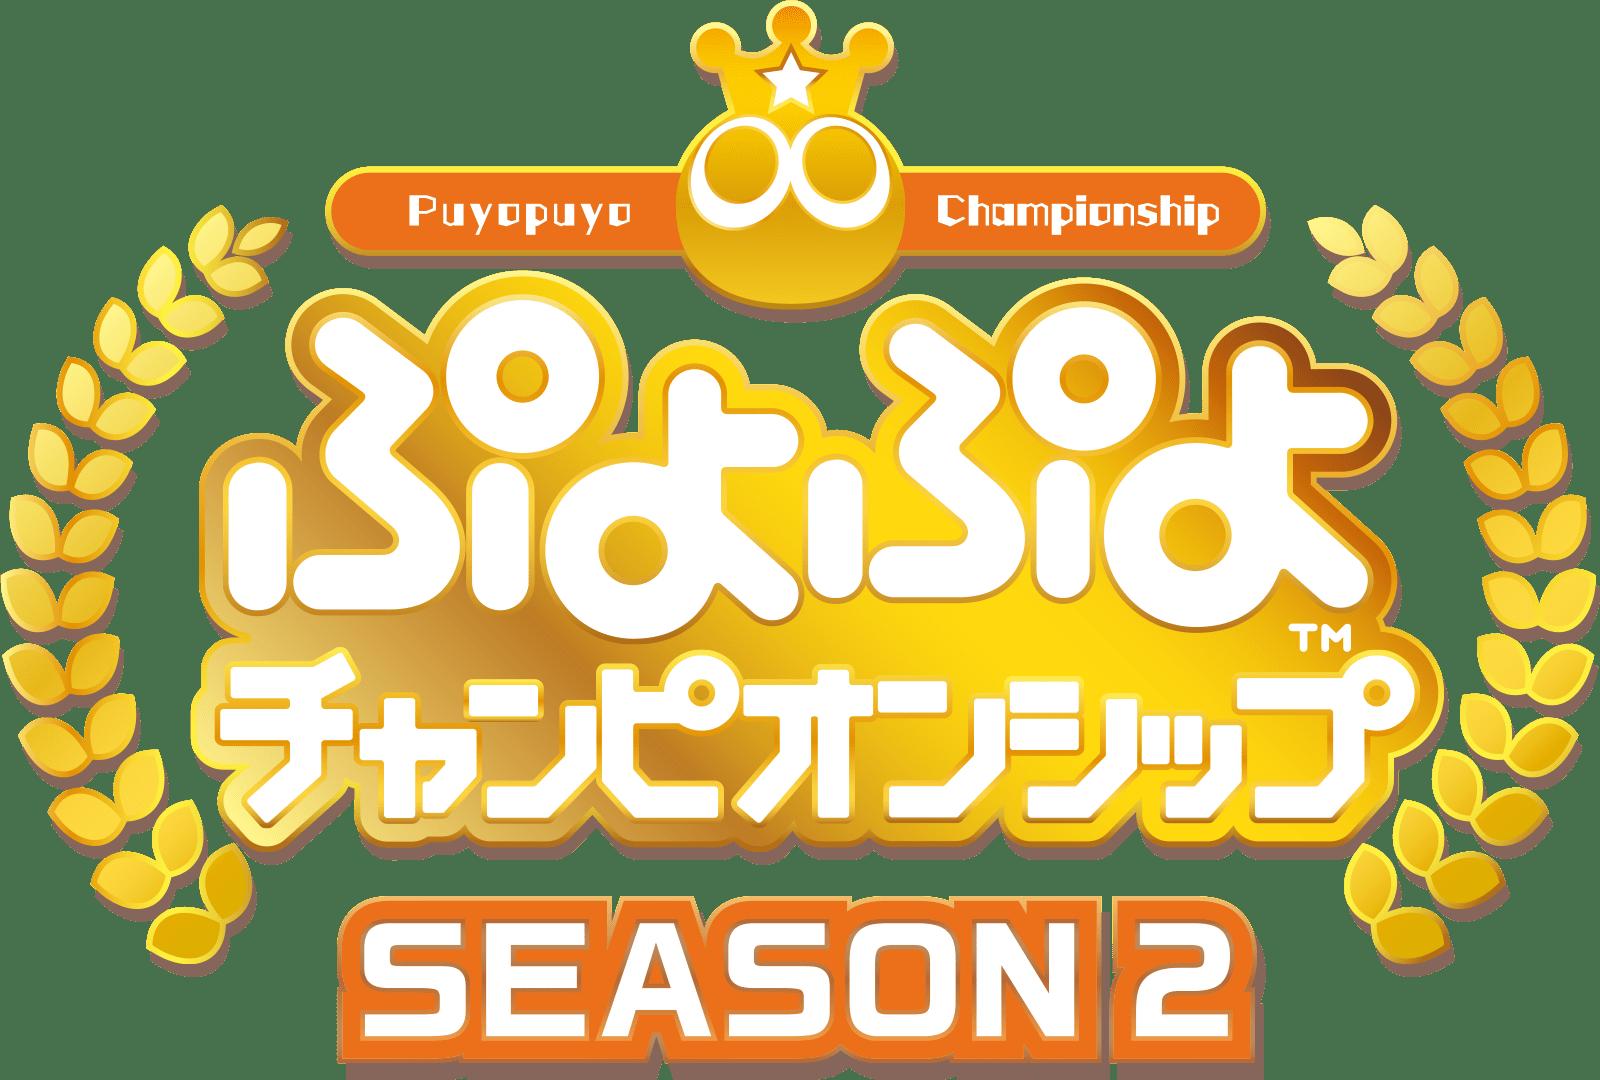 ぷよぷよチャンピオンシップSEASON2